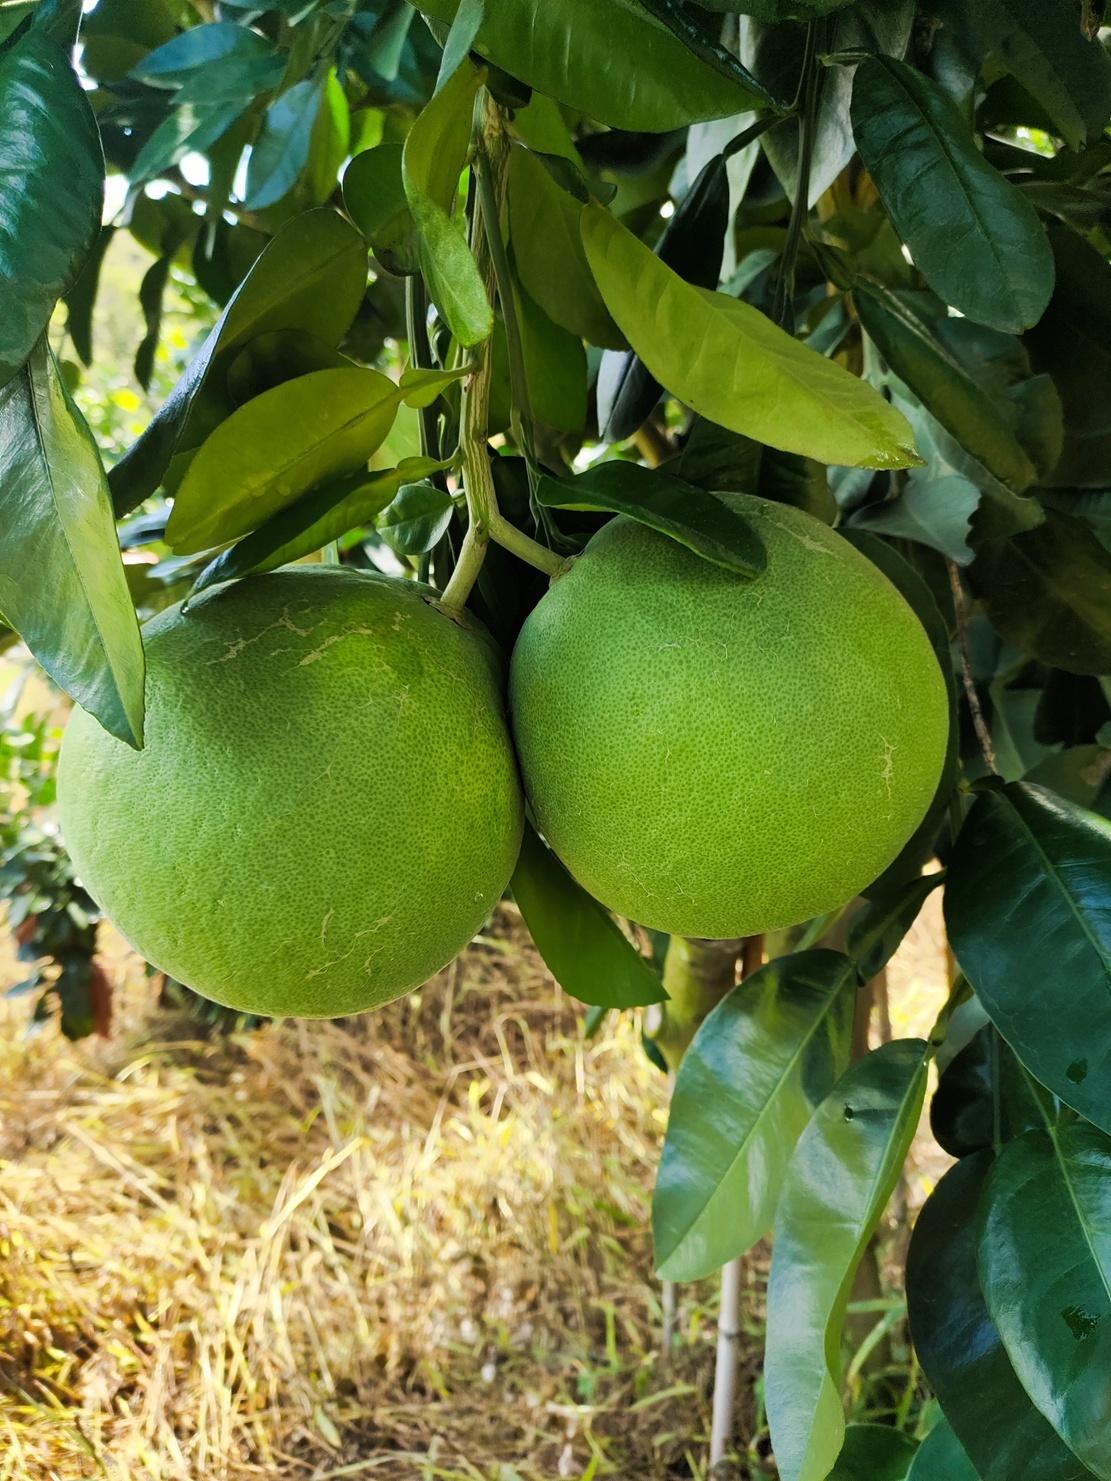 紅寶石青柚。(來源:惠城區農技中心)